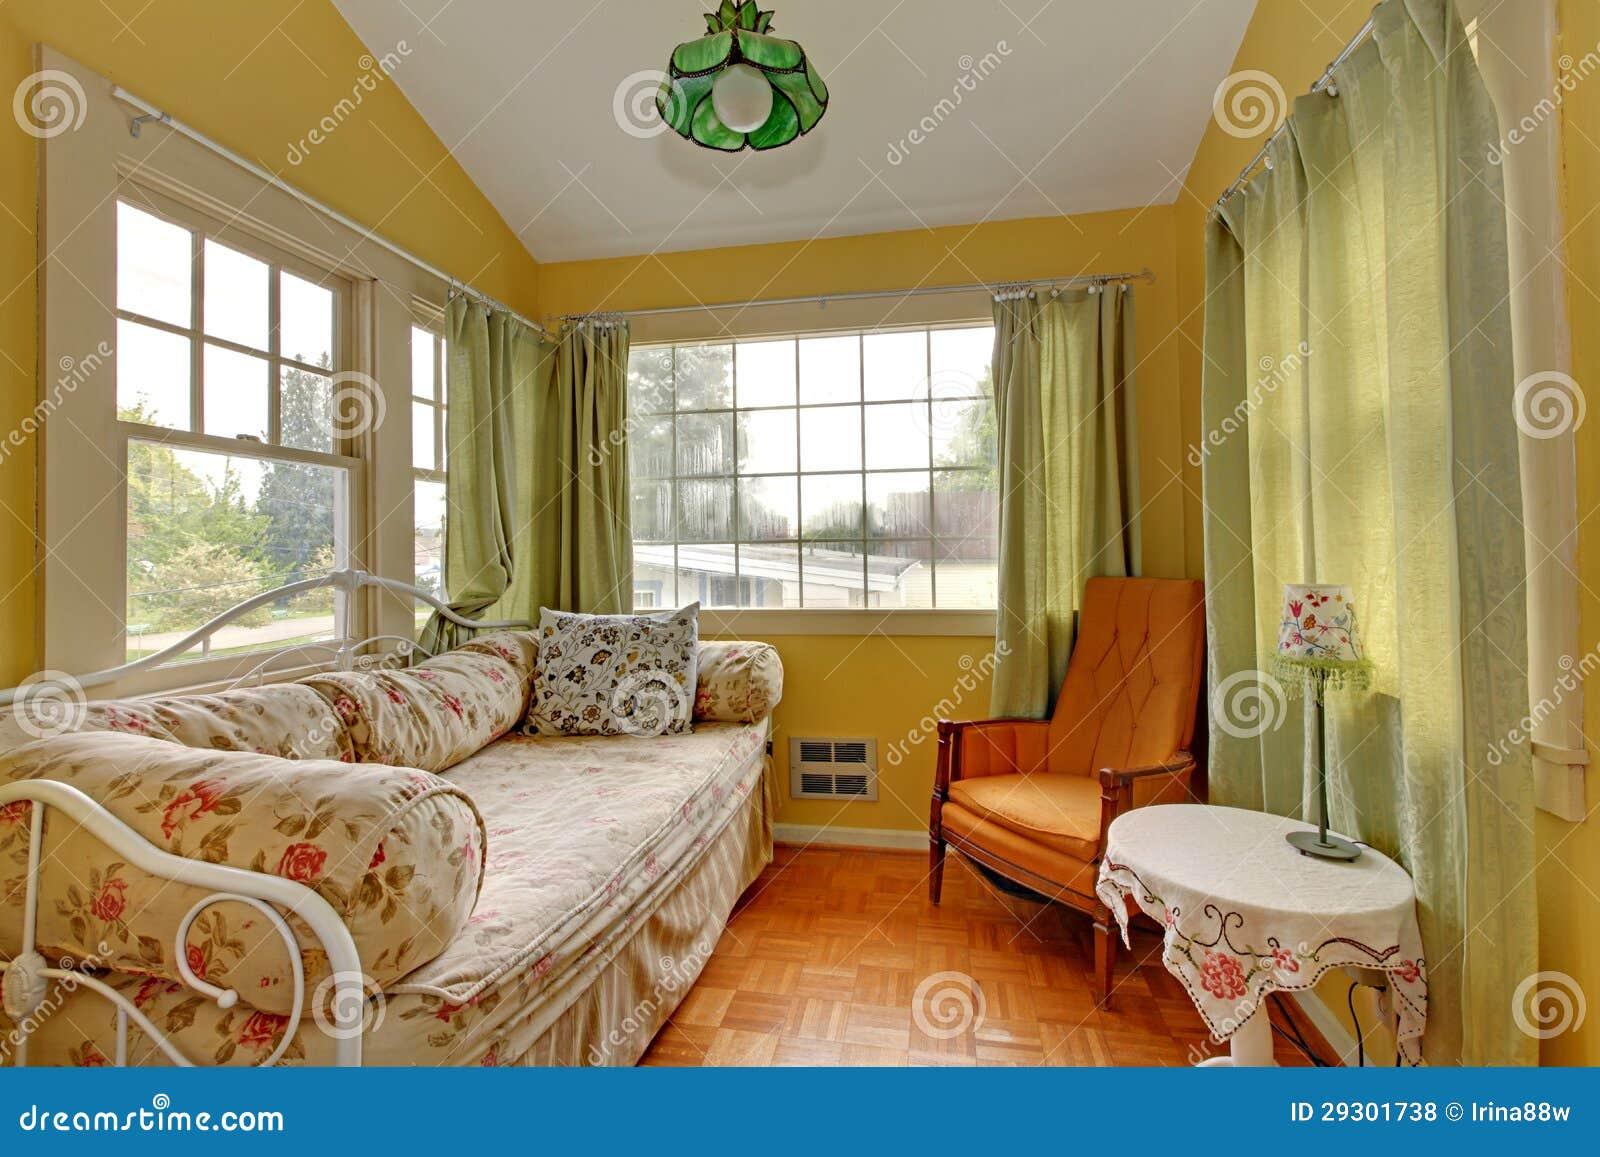 Kleines Wohnzimmer Mit Schlafensofa Und Lesen Der Ecke. Stockfoto ...